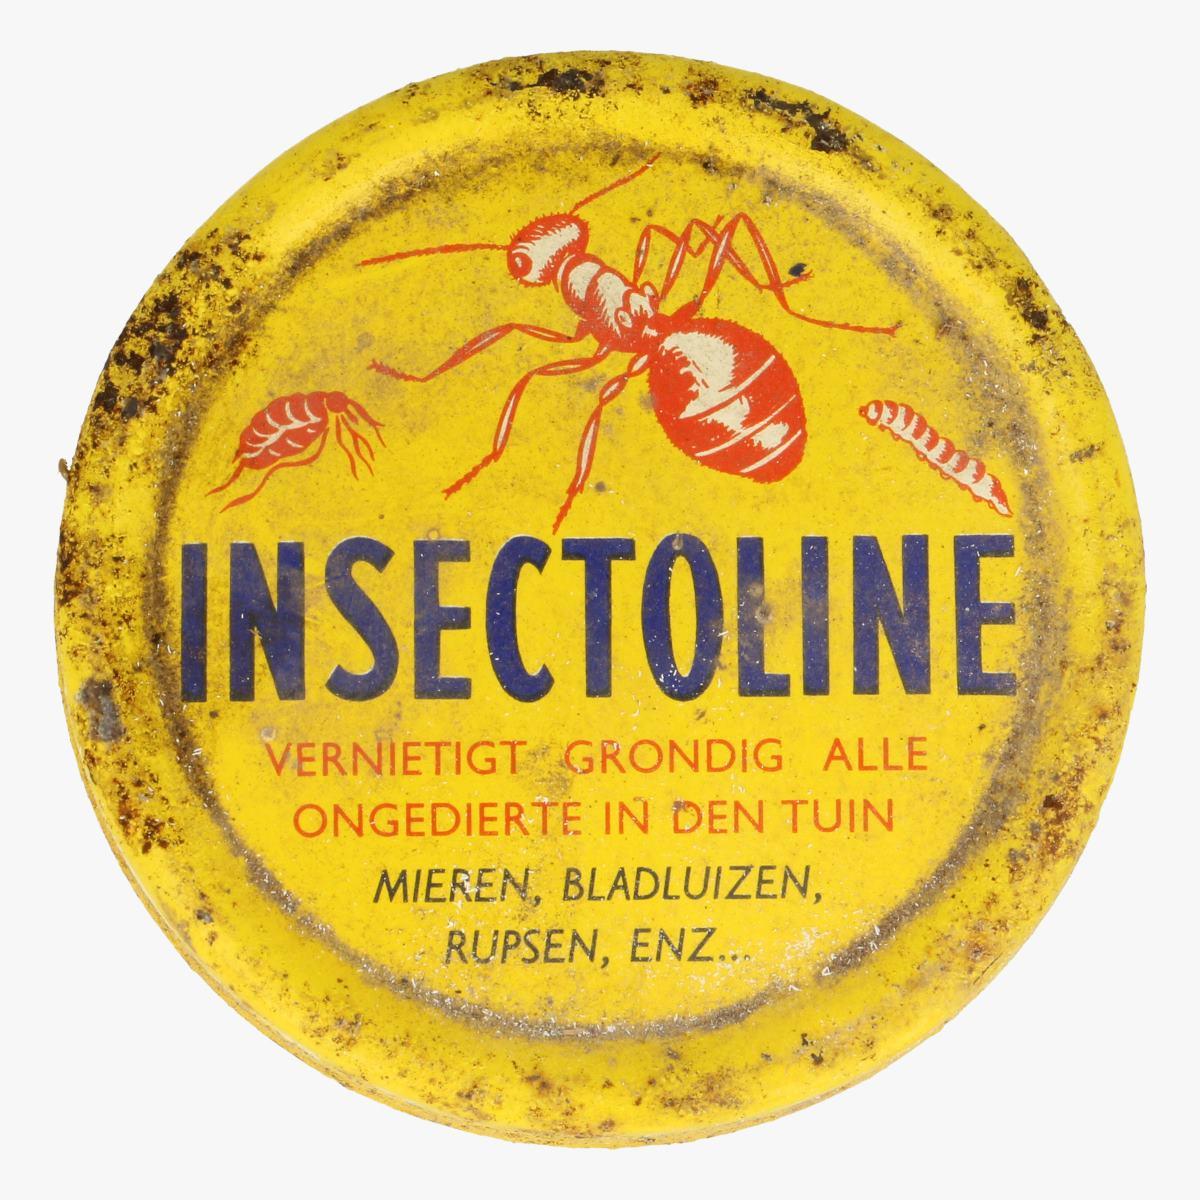 Afbeeldingen van oude blikken doosje insectoline